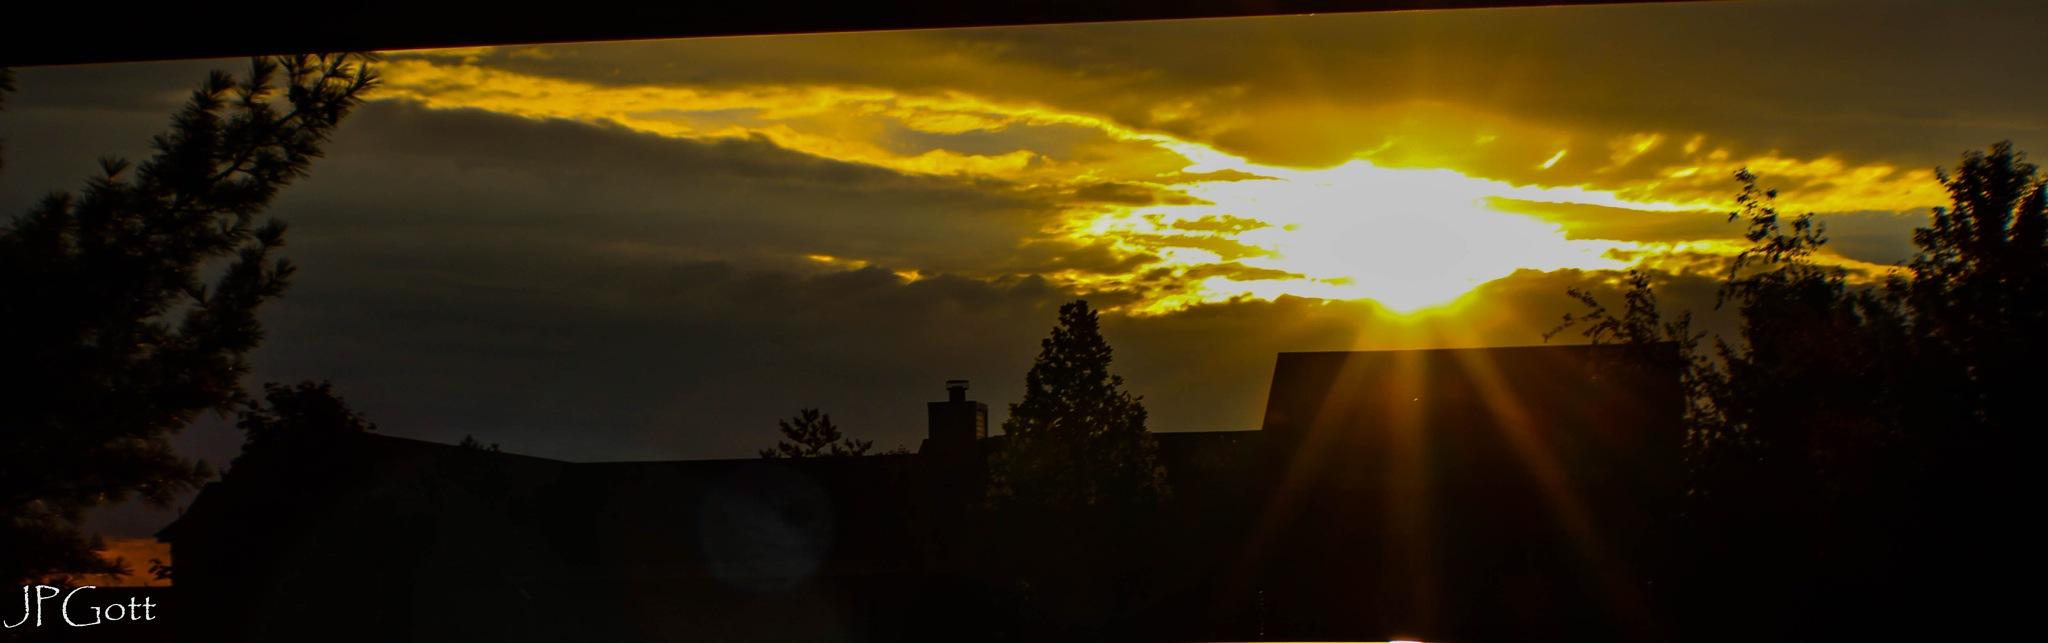 Sunrise in Wisconsin by JP Gott